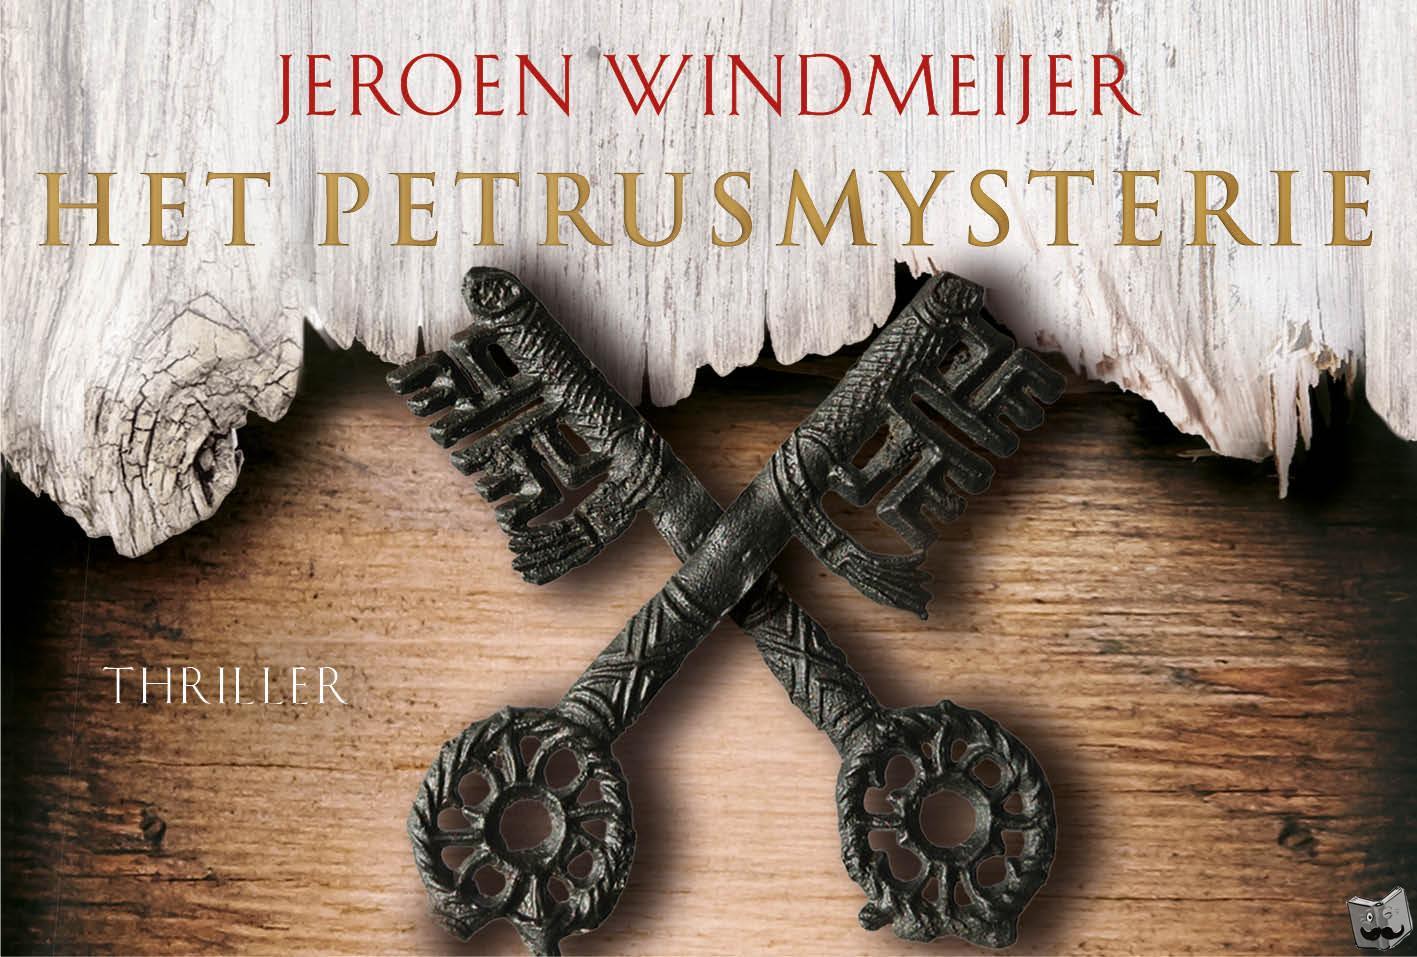 Windmeijer, Jeroen - Het Petrusmysterie